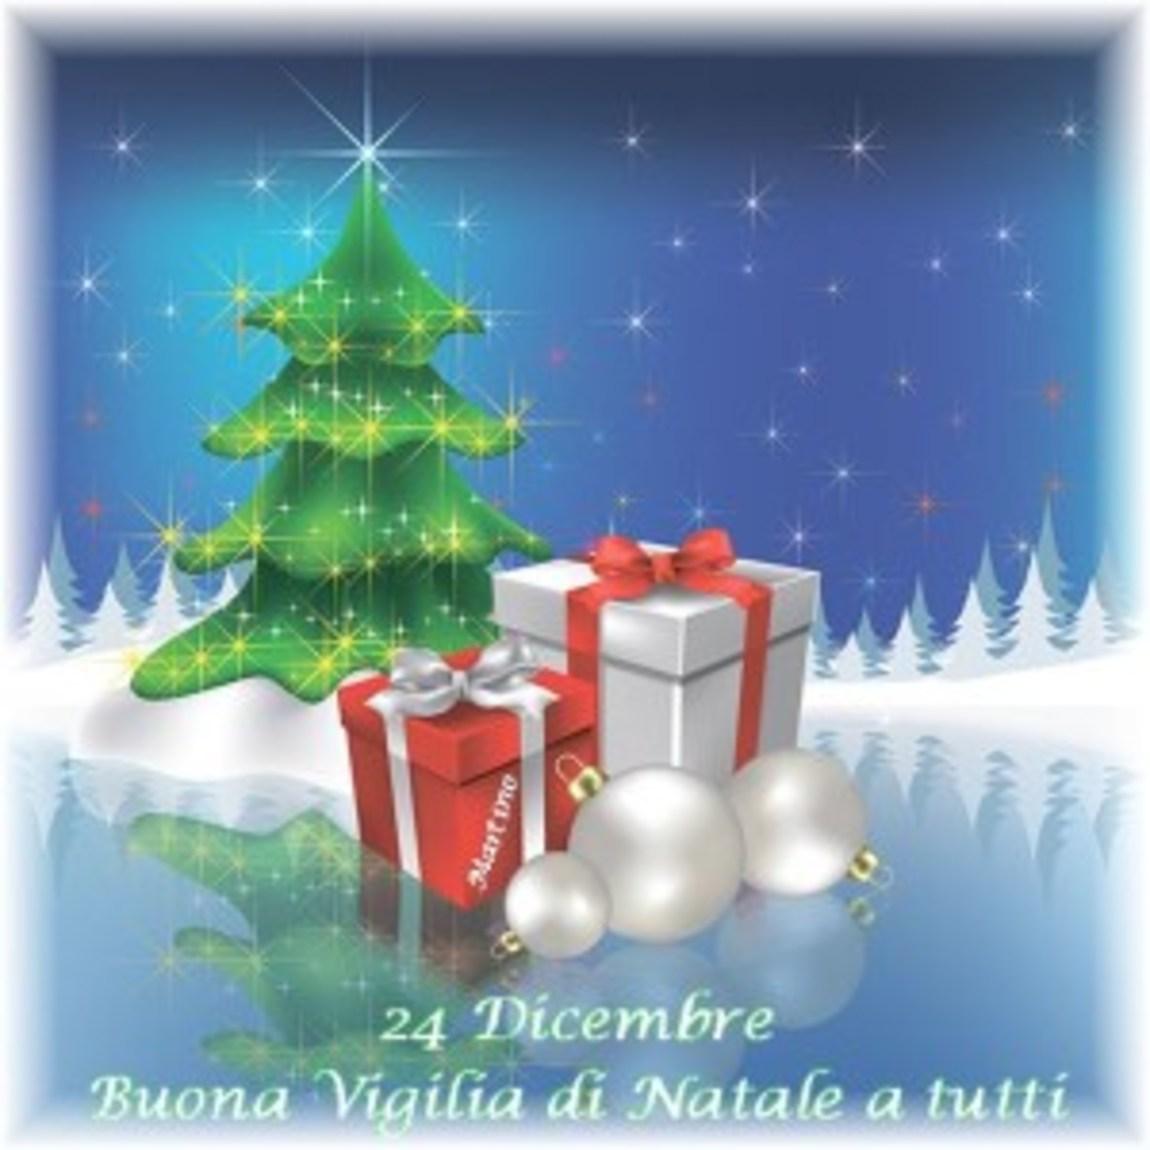 Immagini Di Natale Bellissime.Bellissime Frasi Vigilia Di Natale Buongiornissimocaffe It